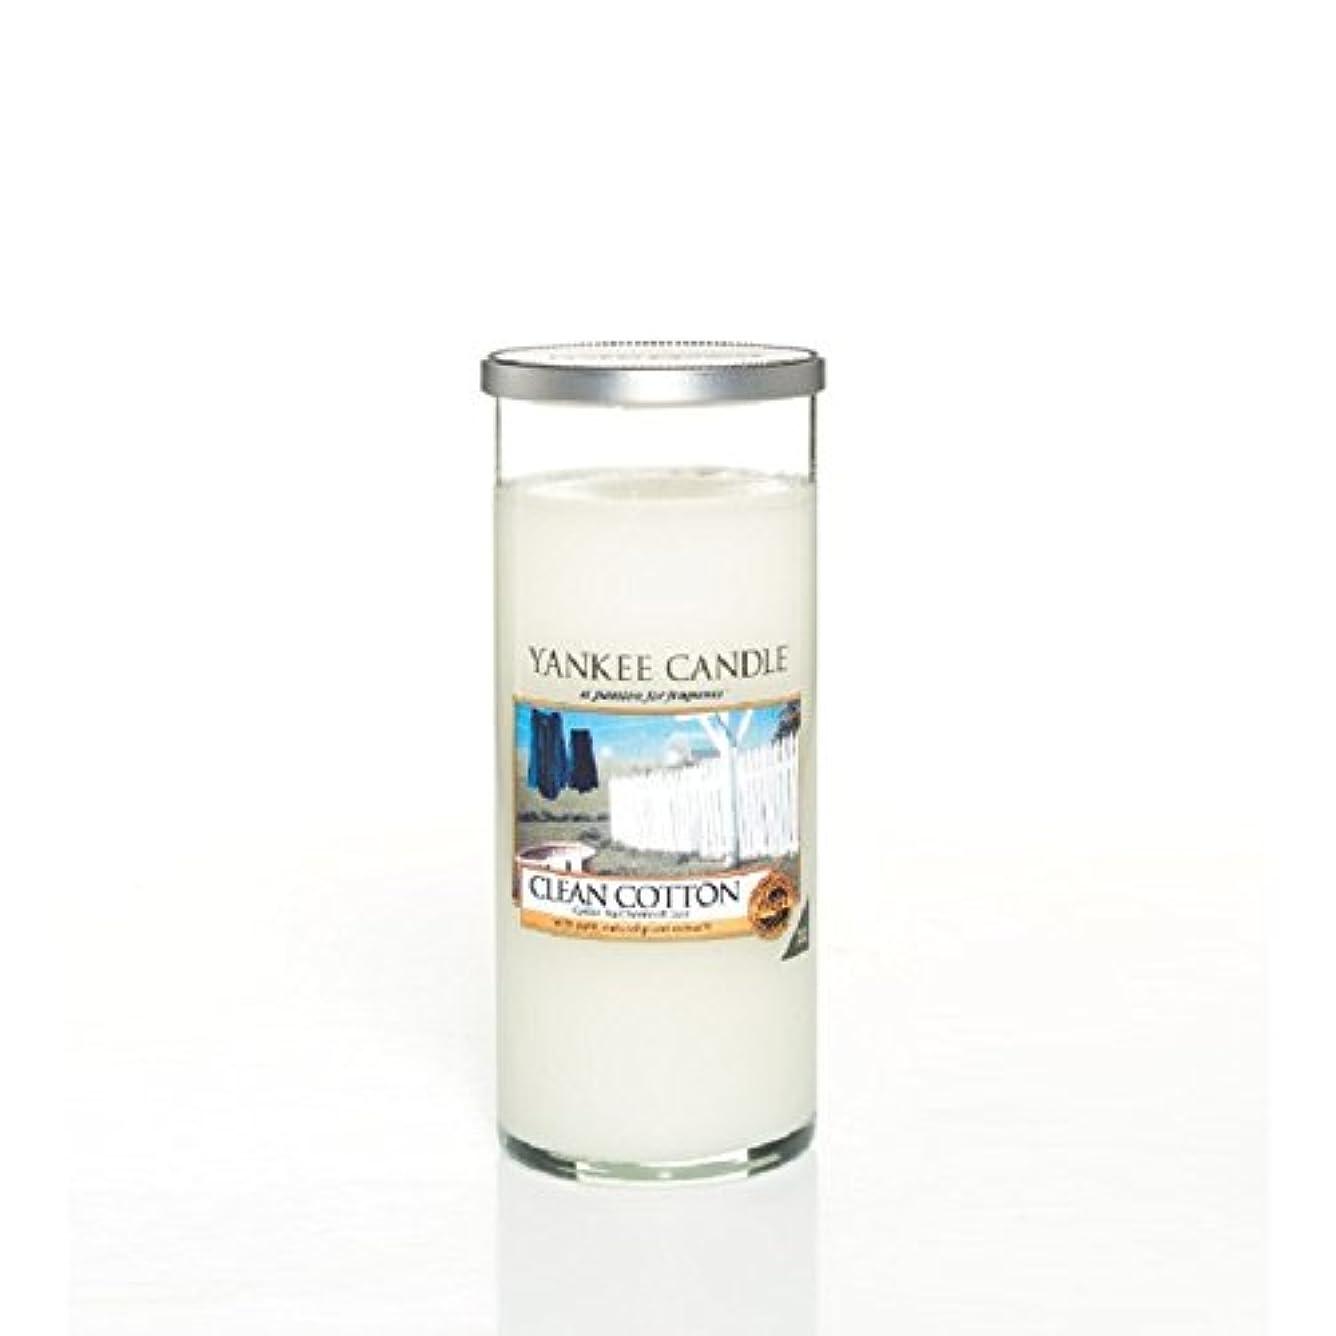 巻き戻す仲介者展開するYankee Candles Large Pillar Candle - Clean Cotton (Pack of 2) - ヤンキーキャンドル大きな柱キャンドル - きれいな綿 (x2) [並行輸入品]